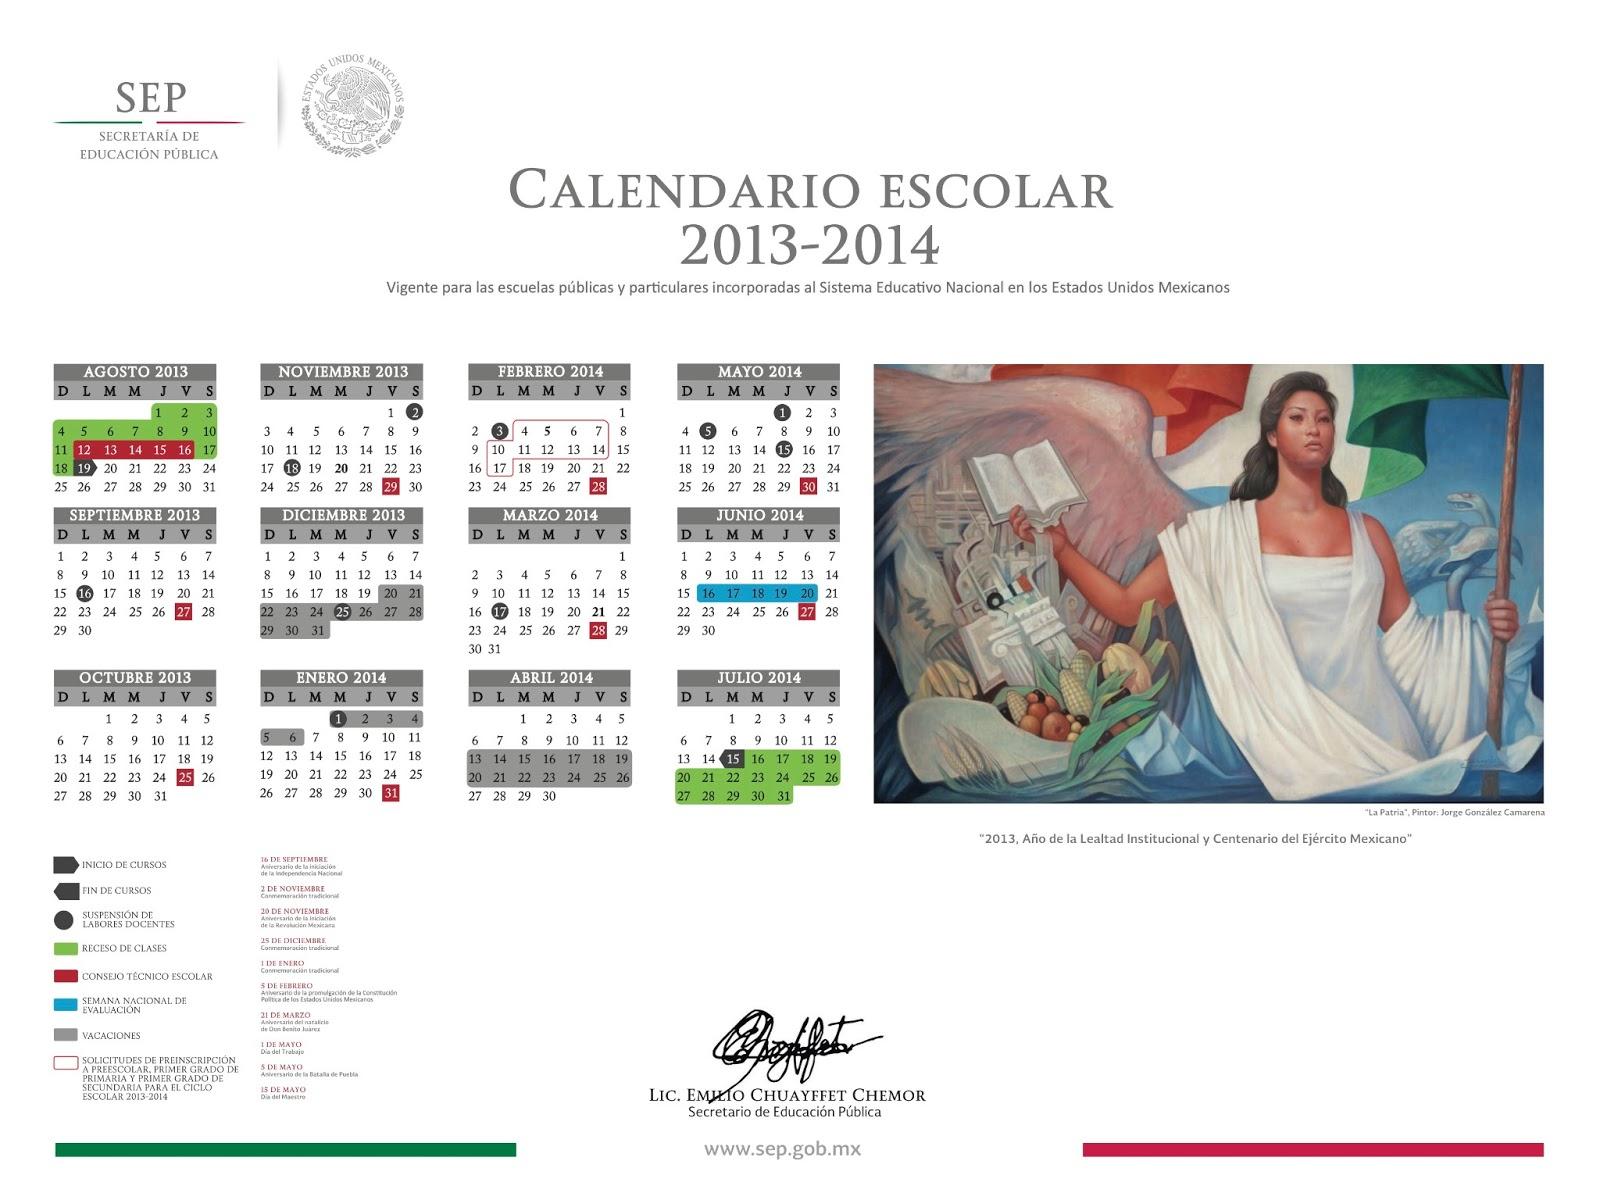 Calendario Escolar 2013-2014. | Hdtprimeroespsecclaudia within Calendario Escolar WordPress